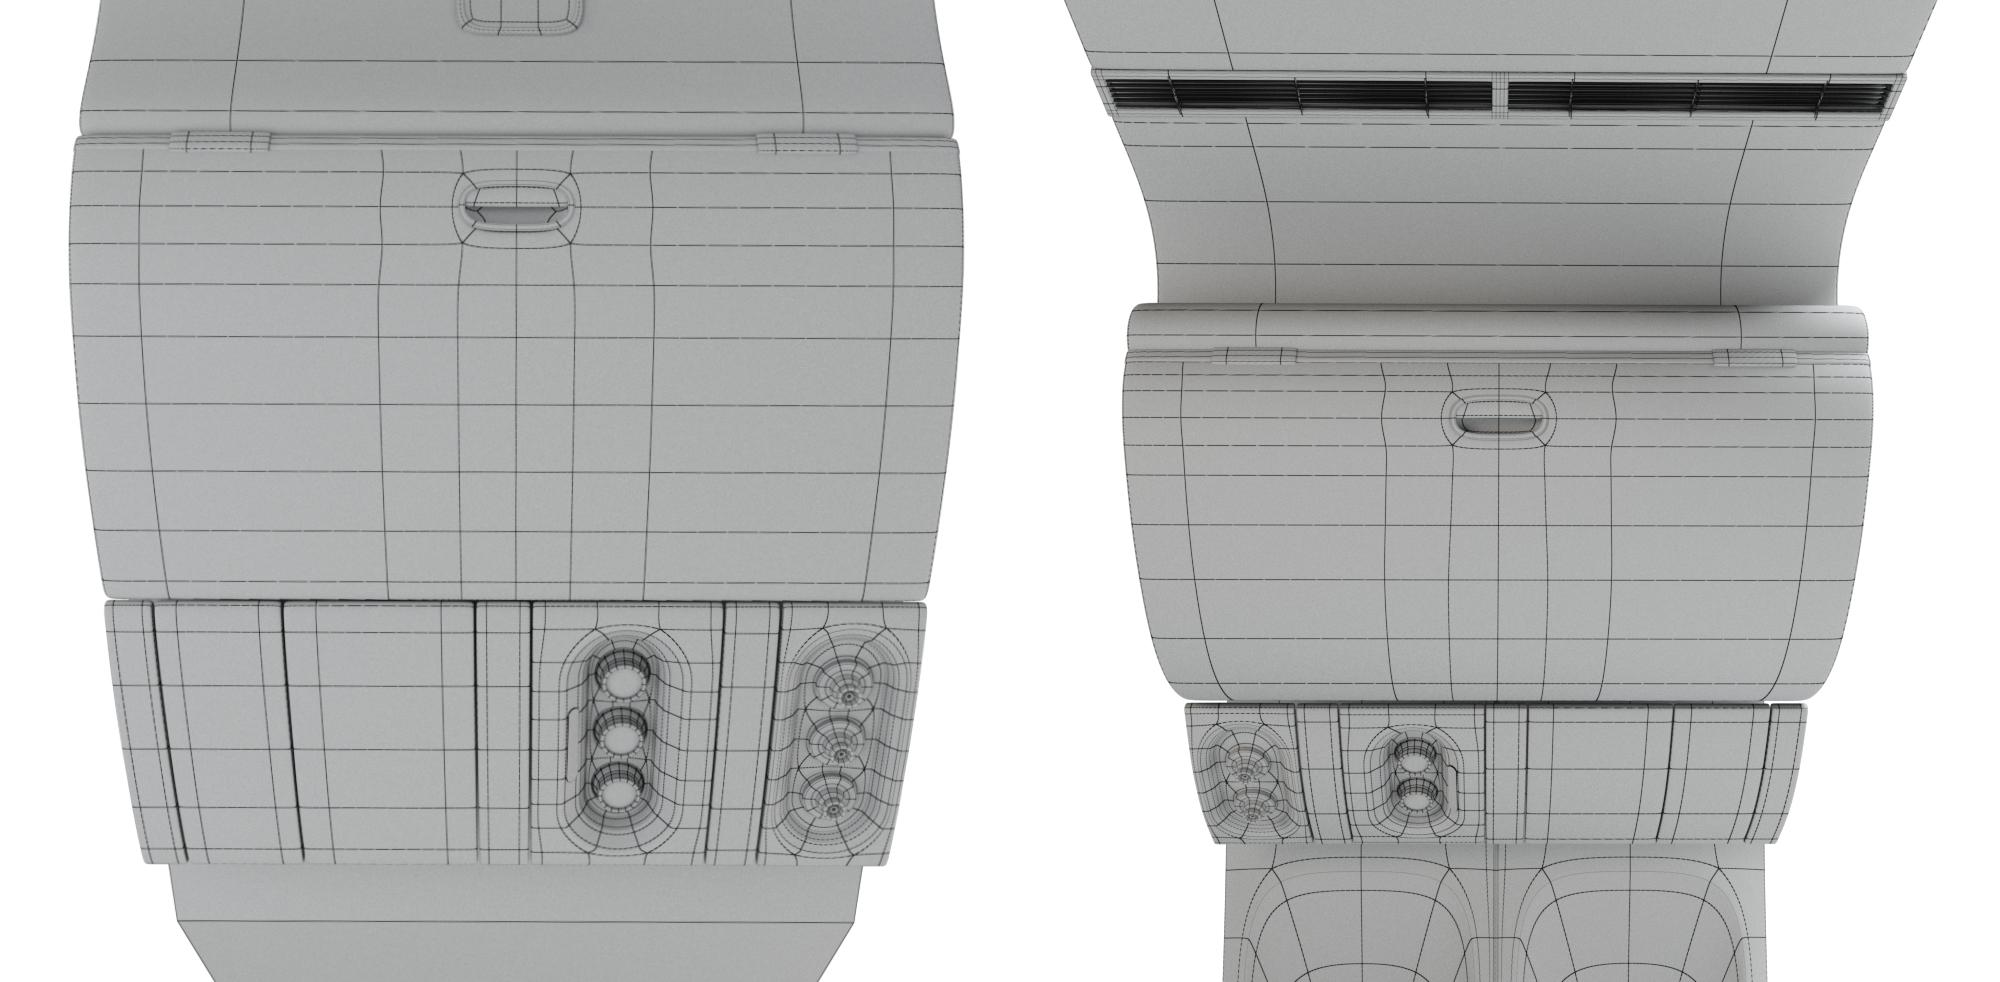 ACGI_Boeing_777_Fuselage_Details.jpg